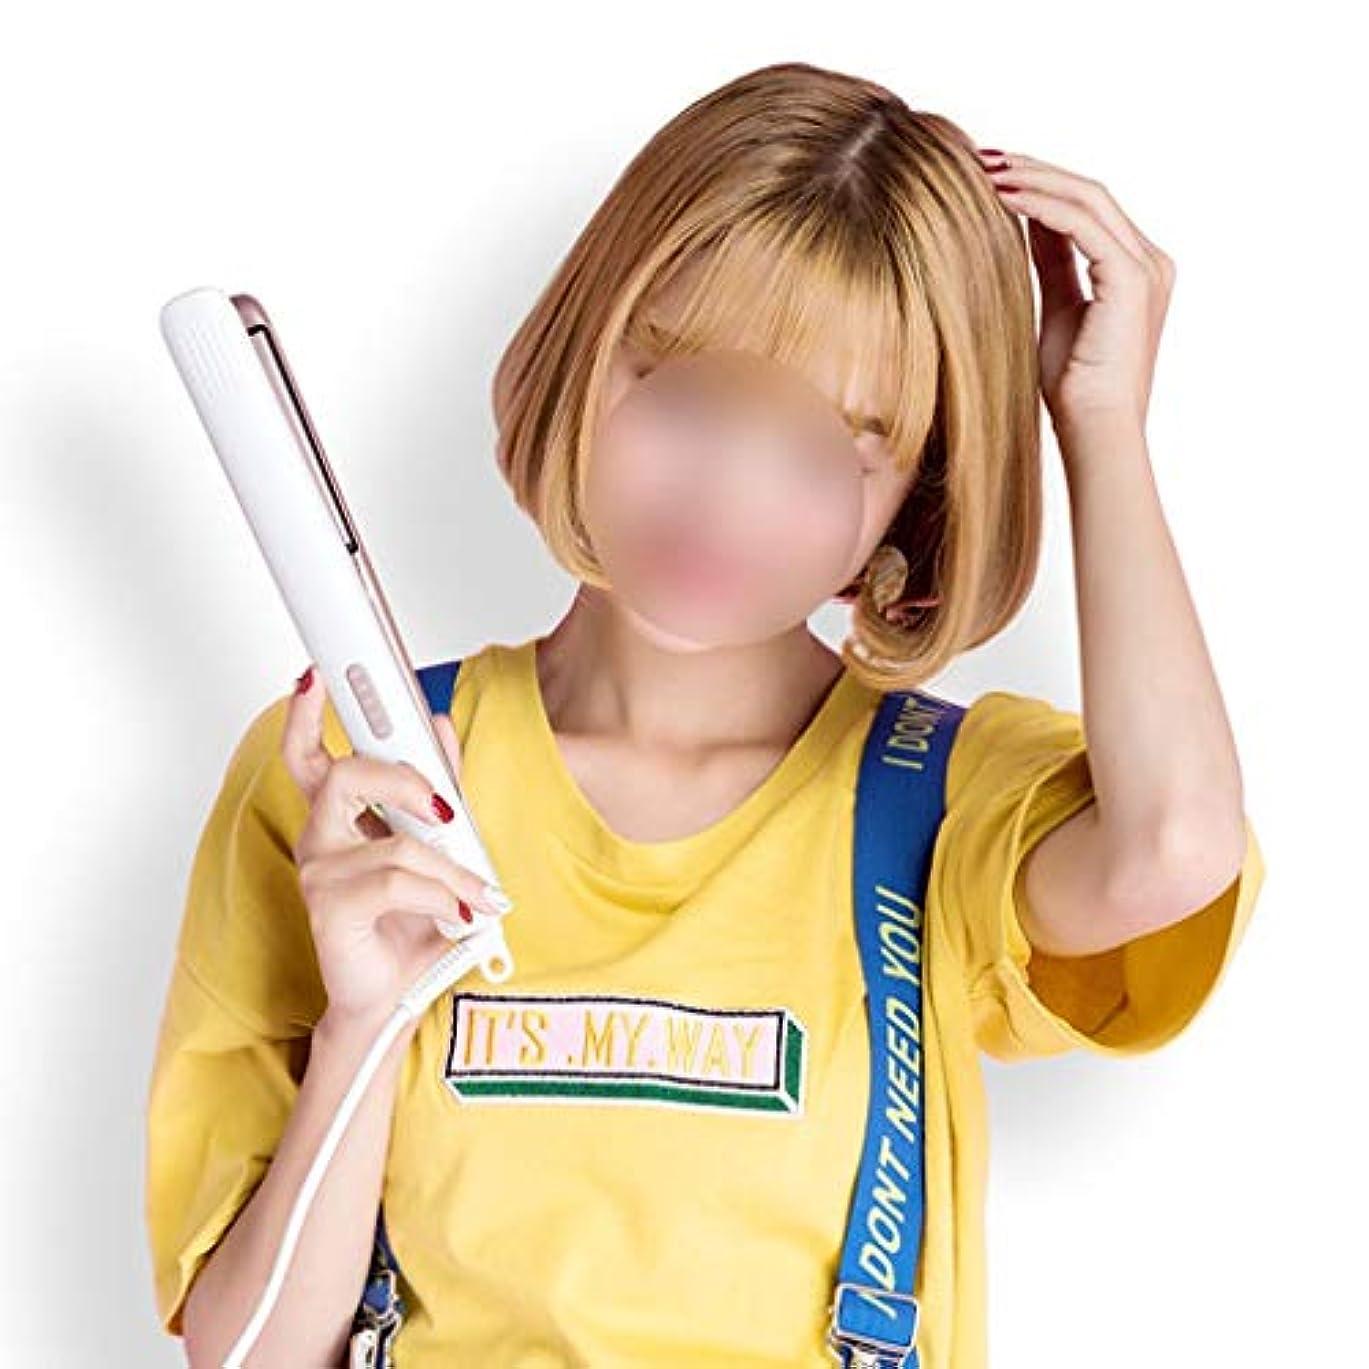 狂った入り口誇張JLHRB 5スピード温度制御セラミックストレートヘアスプリントスプリントストレートヘアカーリーヘアデュアルユースは髪を傷つけません